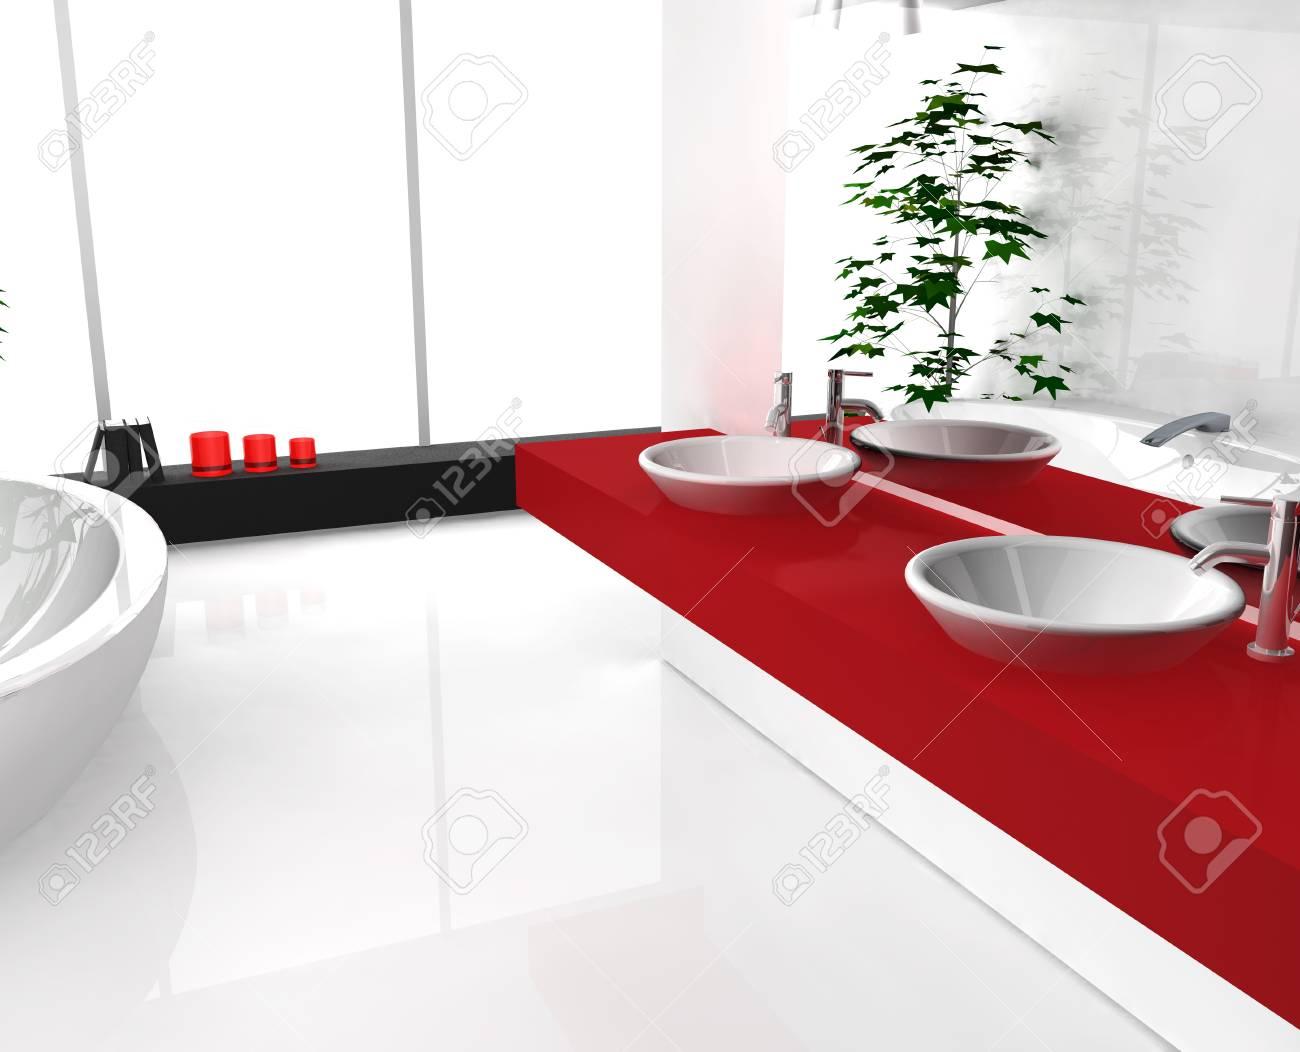 Moderne salle de bains luxueuse avec un design contemporain et mobilier,  coloré en noir, rouge et blanc, le rendu 3D.